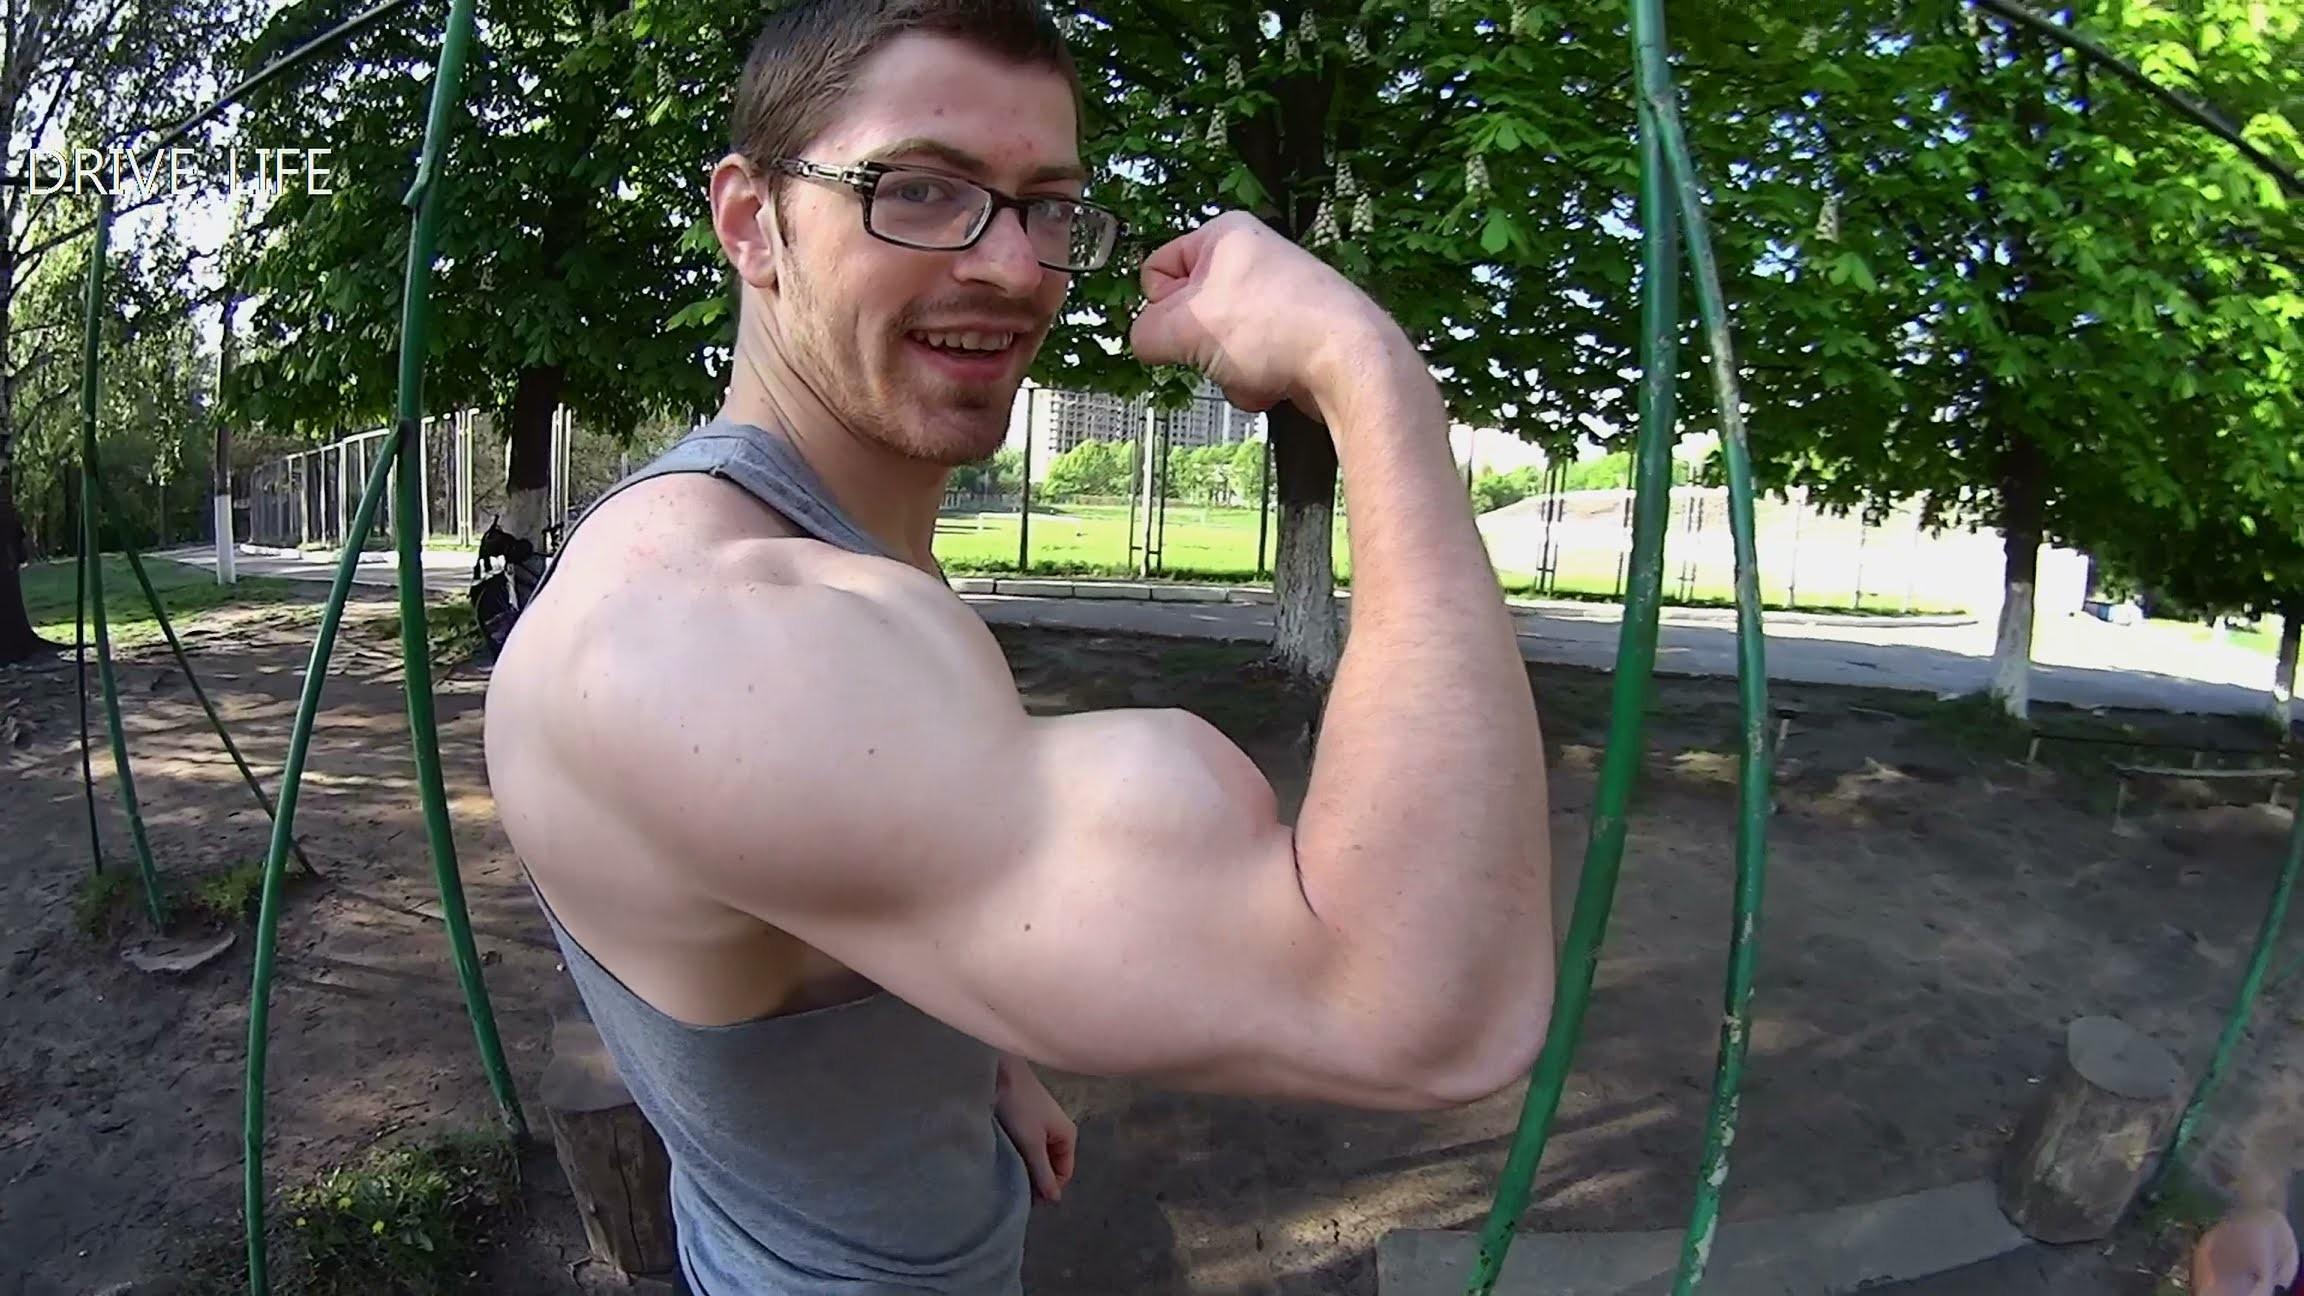 Ученые установили, как связаны сила мужчины ивид его мускулатуры